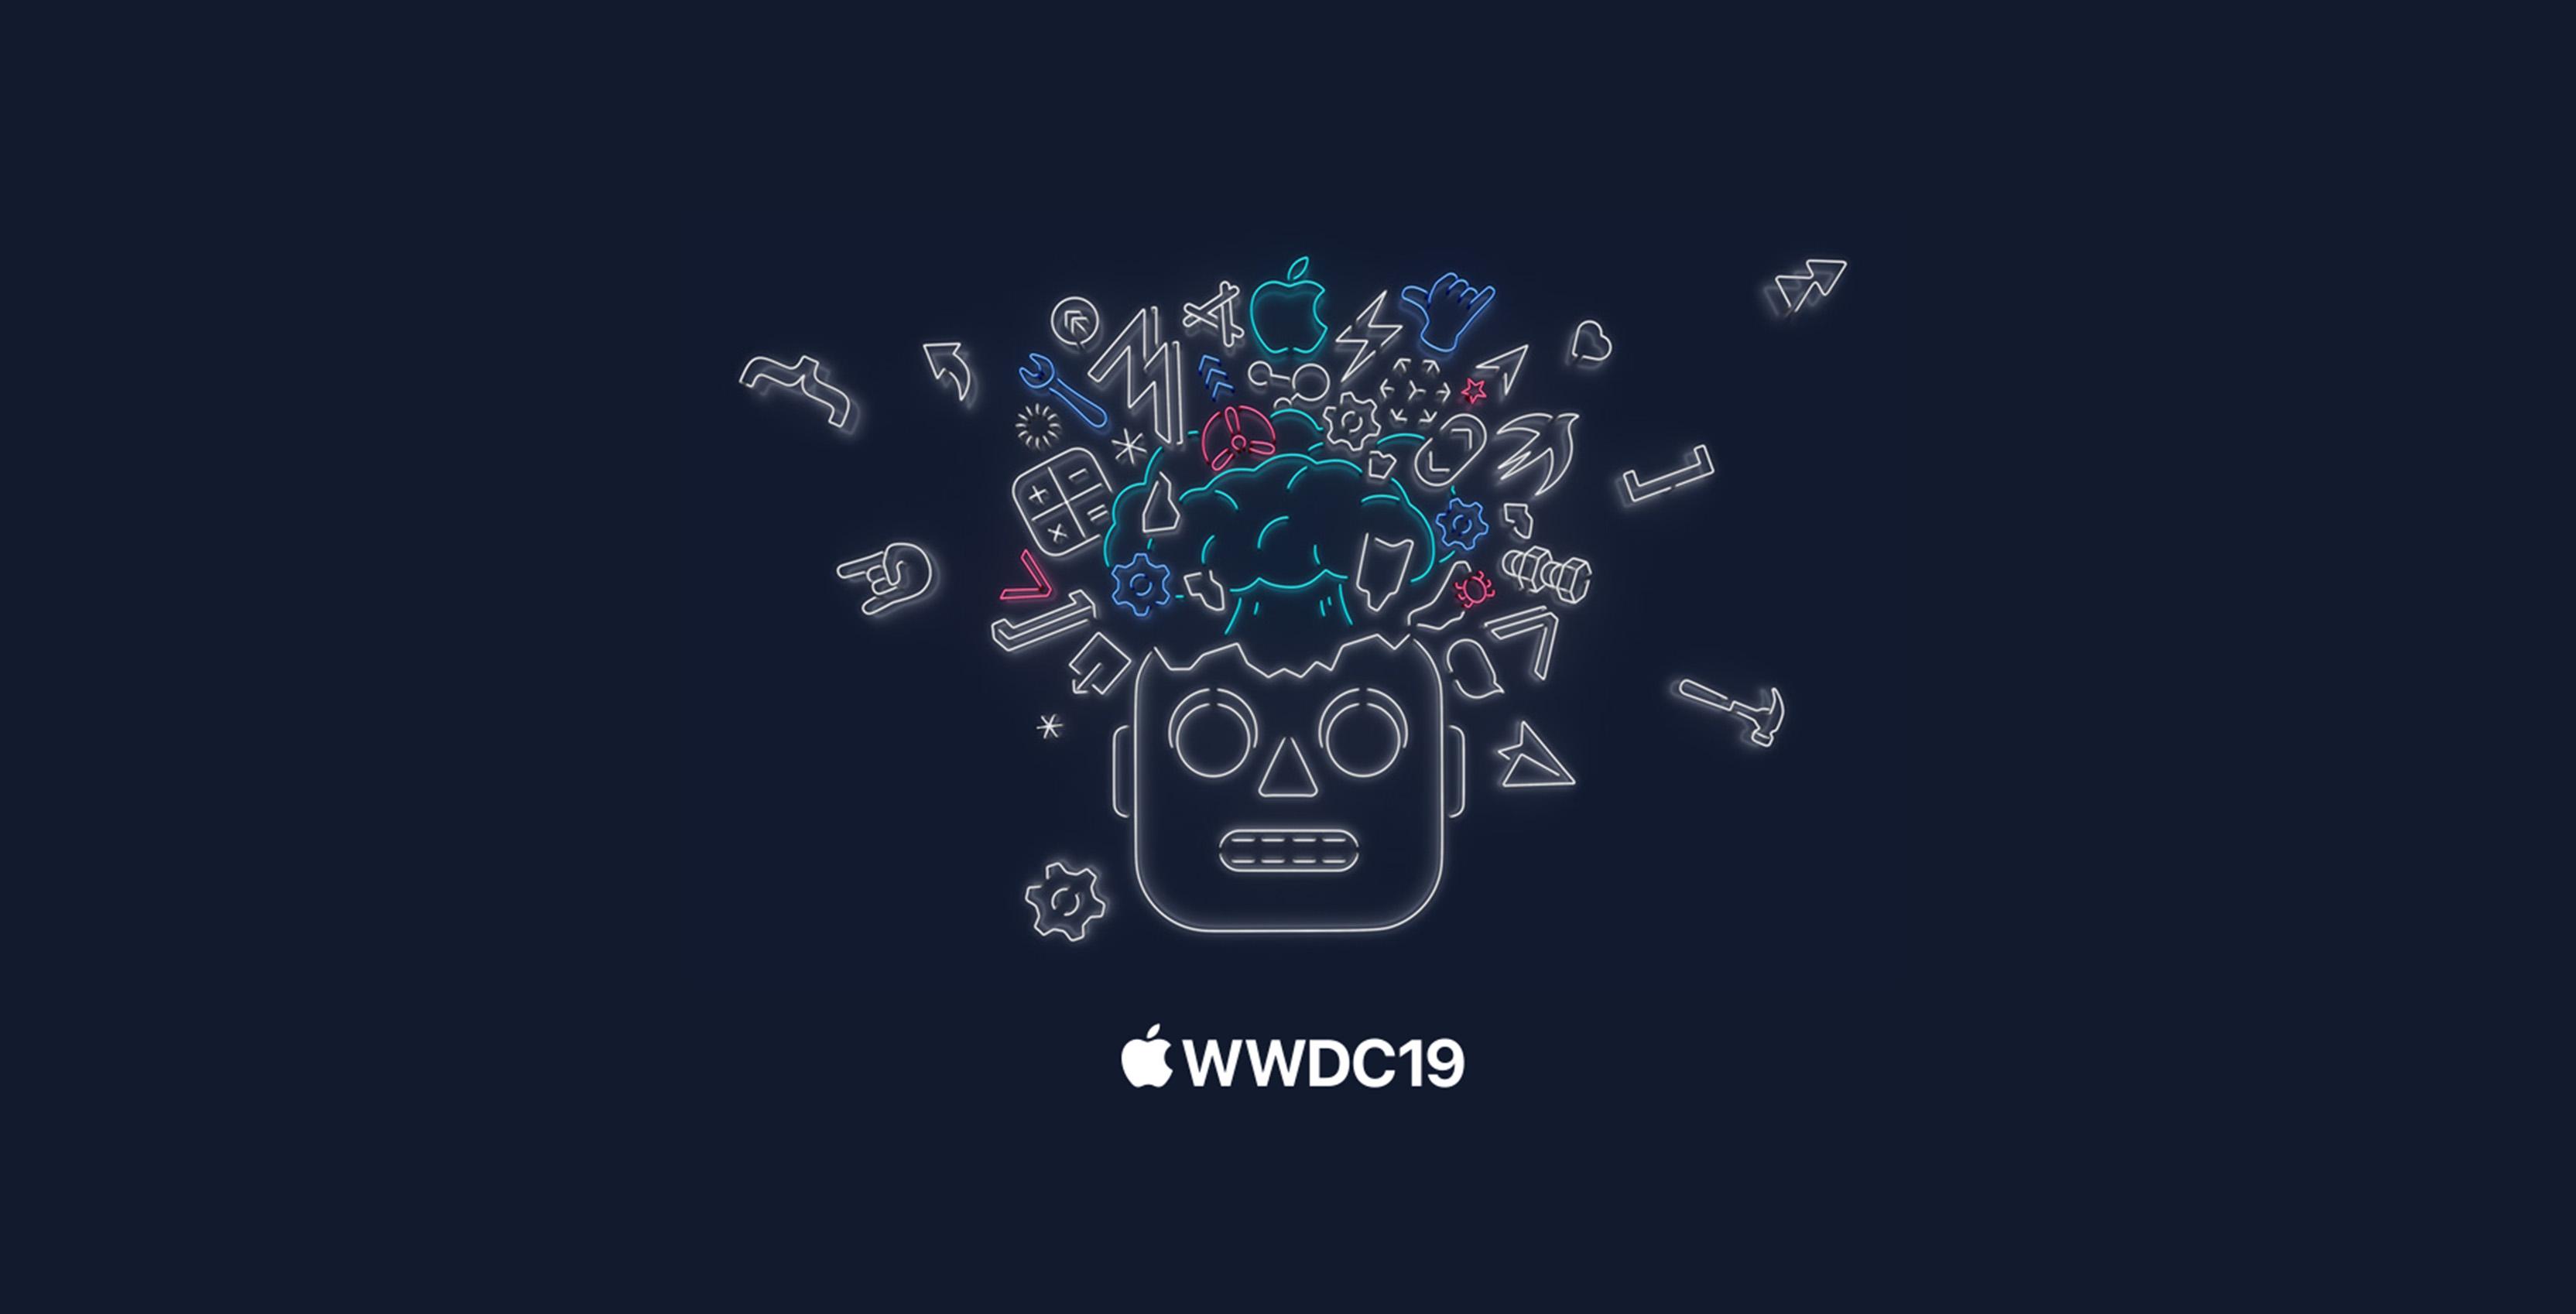 How to watch Apple's WWDC 2019 keynote